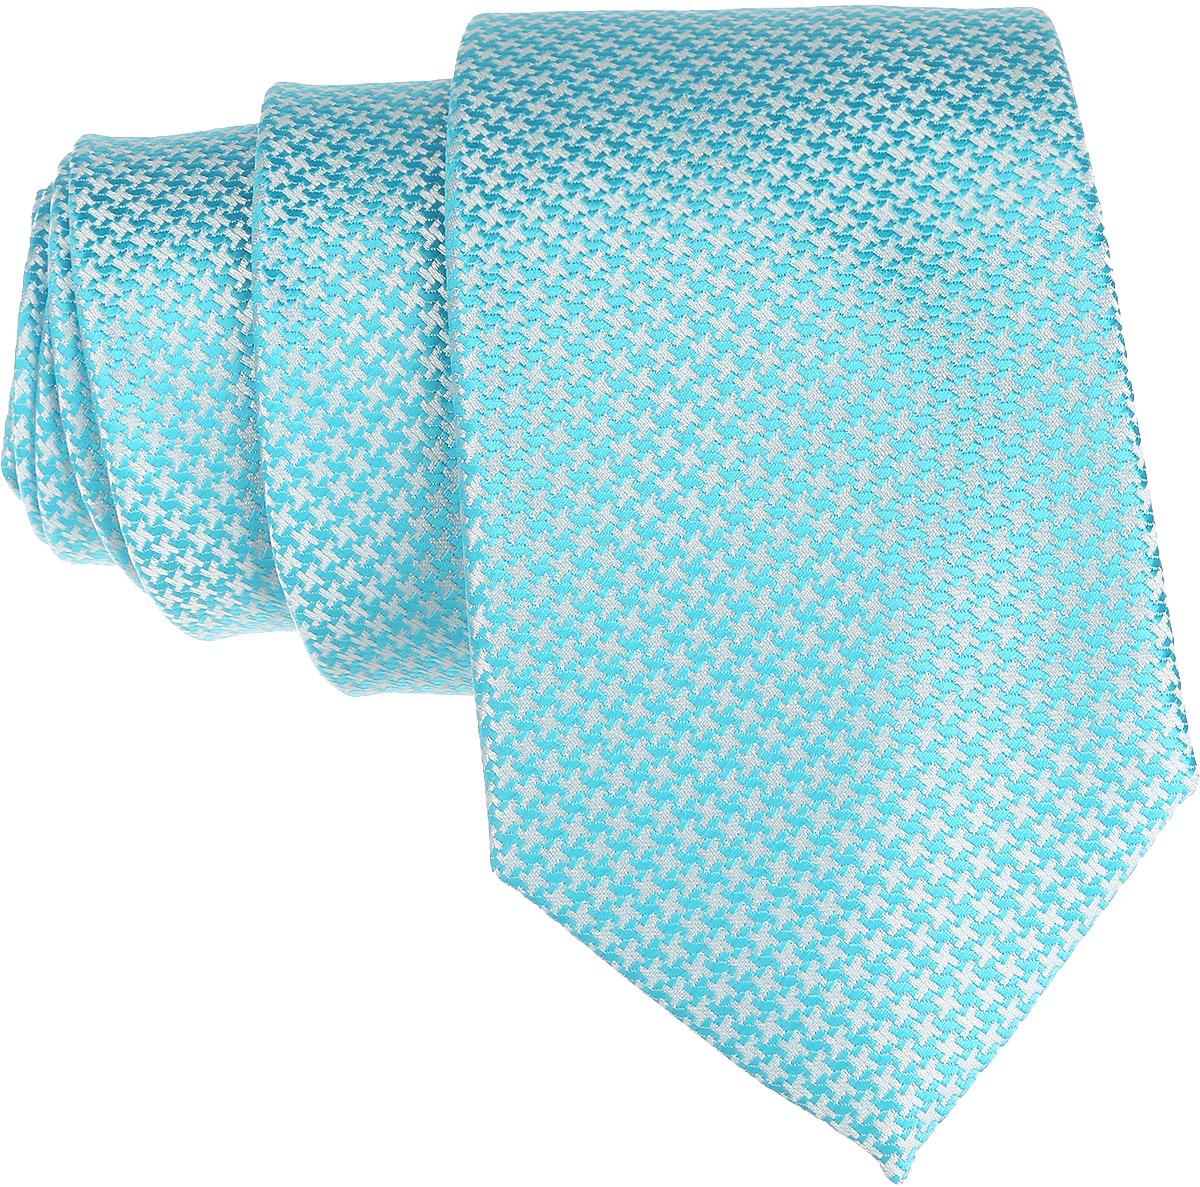 Галстук. 12.01527612.015276Стильный галстук BTC станет отличным завершающим штрихом вашего образа. Этот модный аксессуар порадует вас высоким качеством исполнения и современным дизайном. Изделие полностью выполнено из качественного полиэстера. Галстук оформлен оригинальным принтом. Такой оригинальный галстук подойдет как к повседневному, так и к официальному наряду, он позволит вам подчеркнуть свою индивидуальность и создать свой неповторимый стиль.